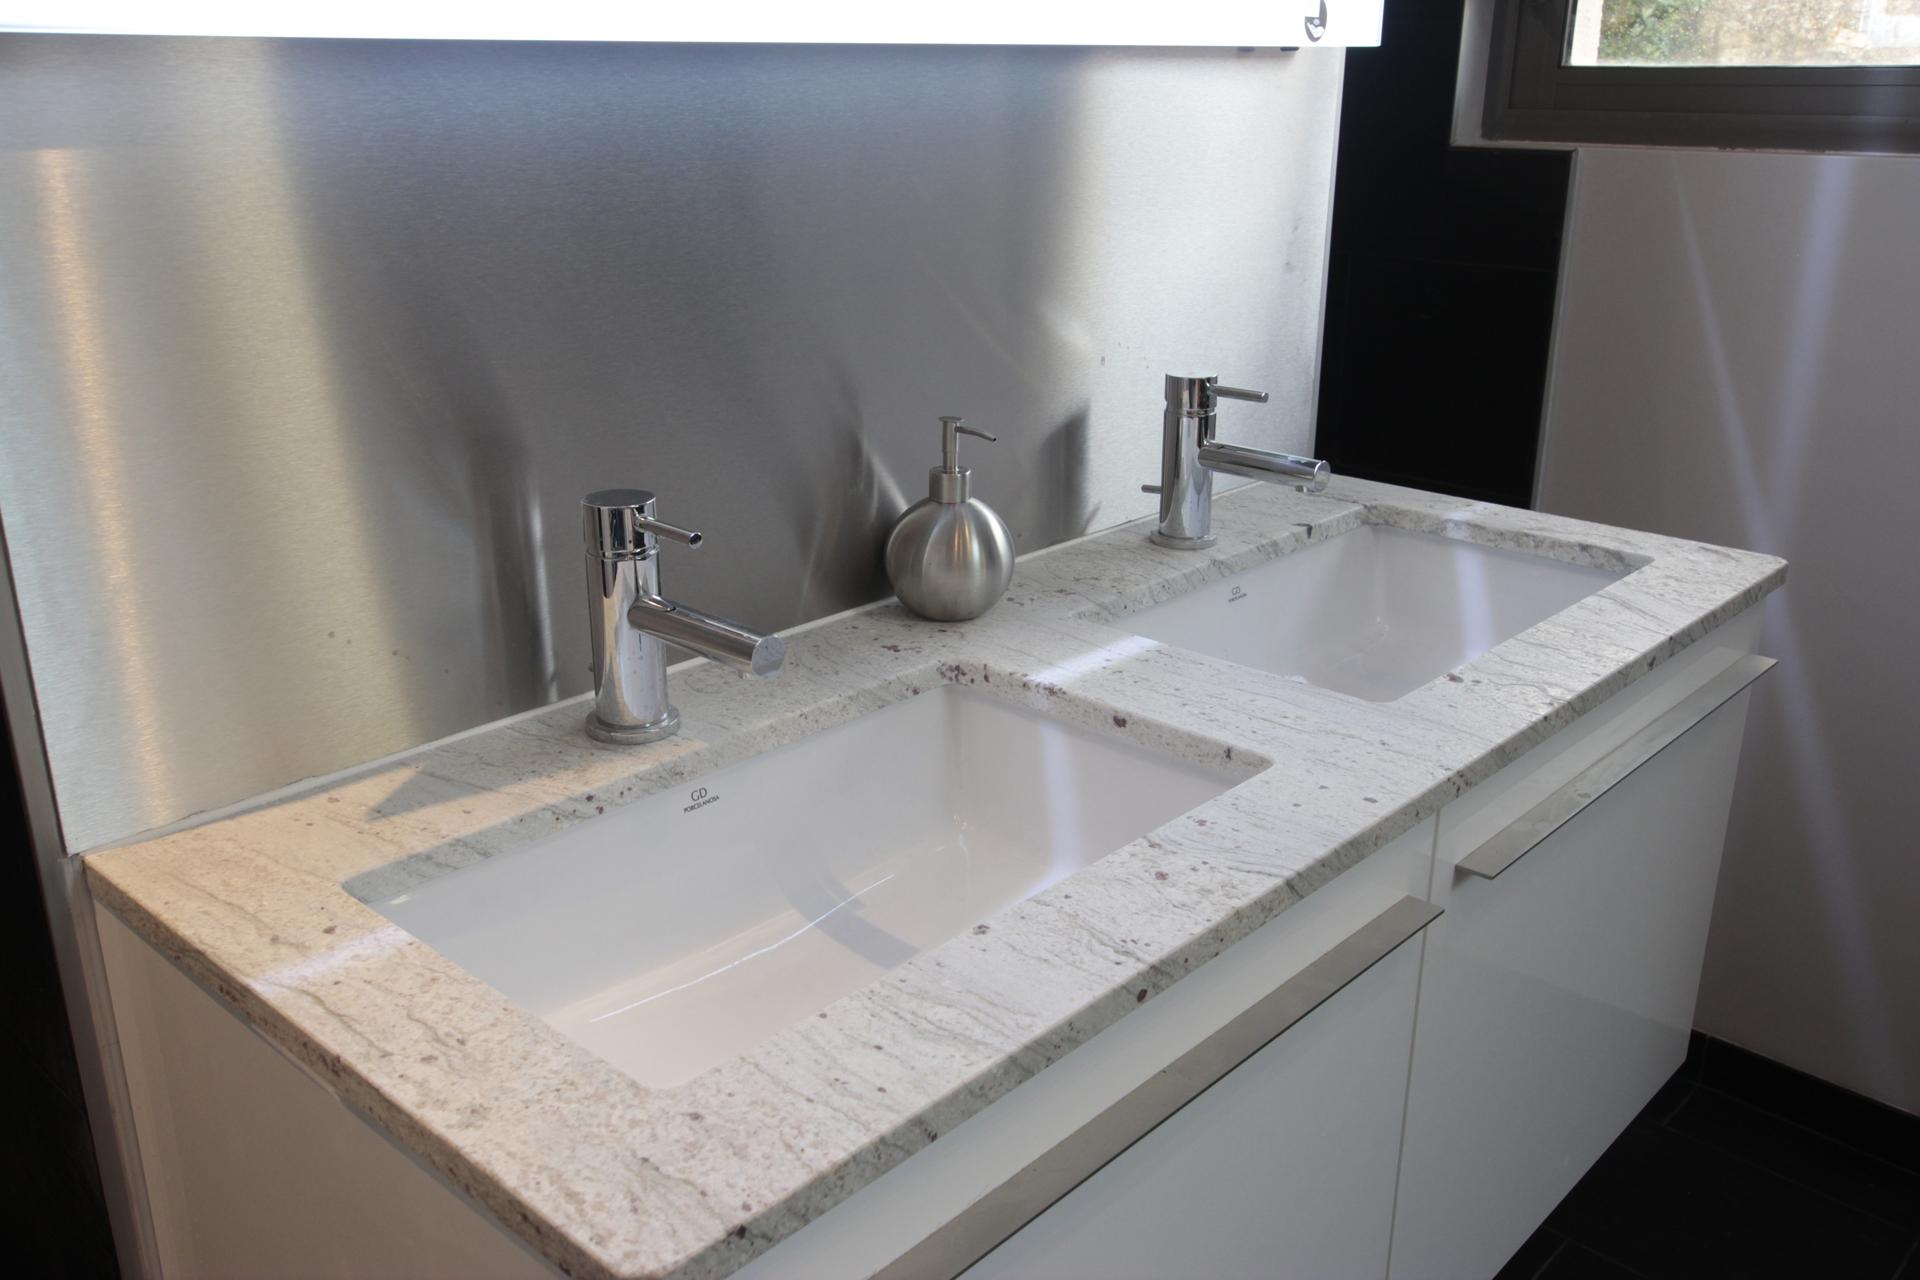 Plan de vasque porcelanosa jou plomberie chauffage - Porcelanosa salle de bain ...